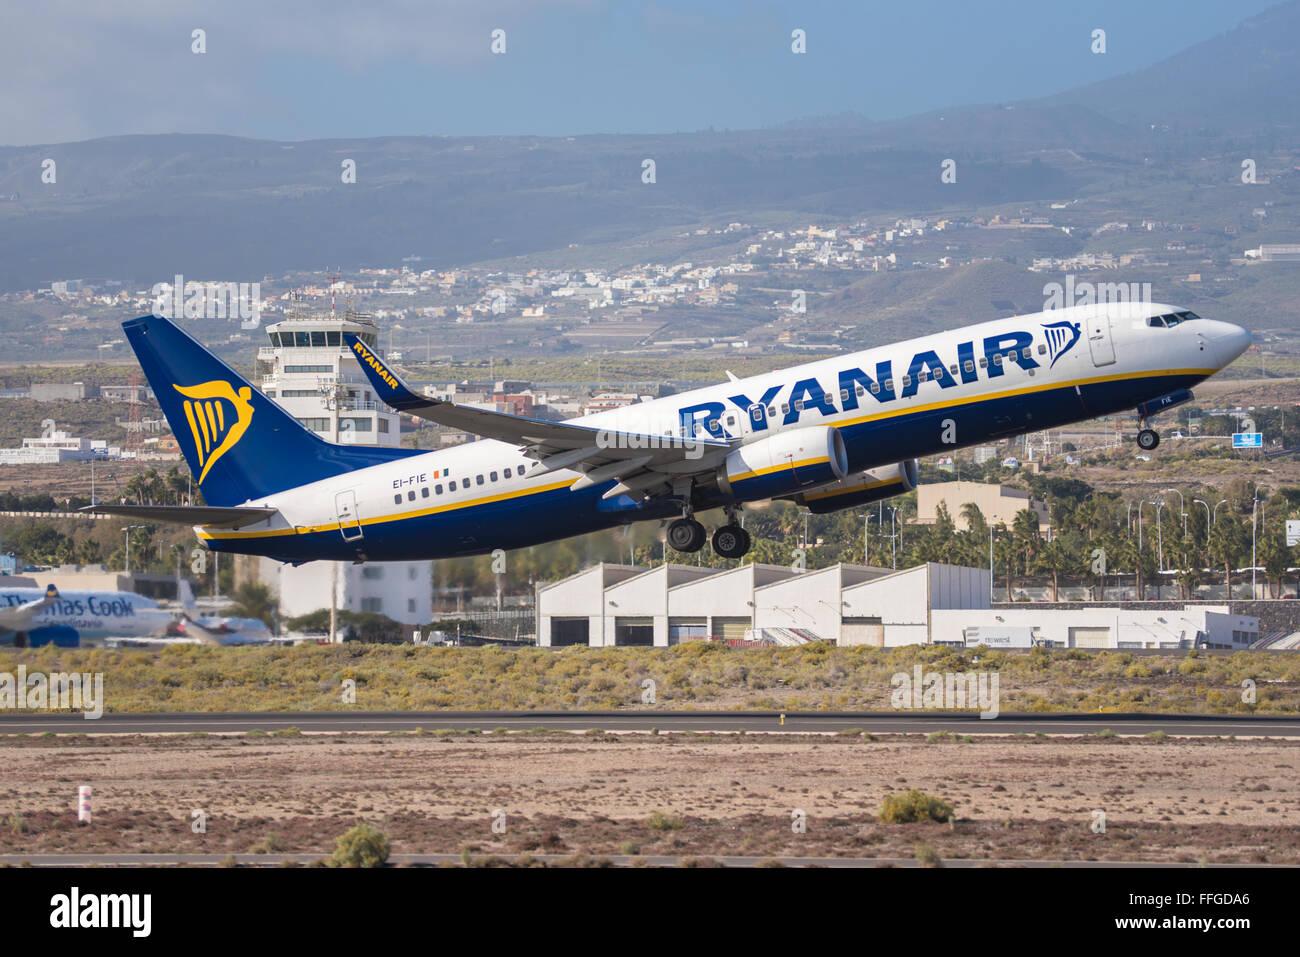 TENERIFE, SPAIN - JANUARY 31: Ryanair Boeing 737-800 is ...